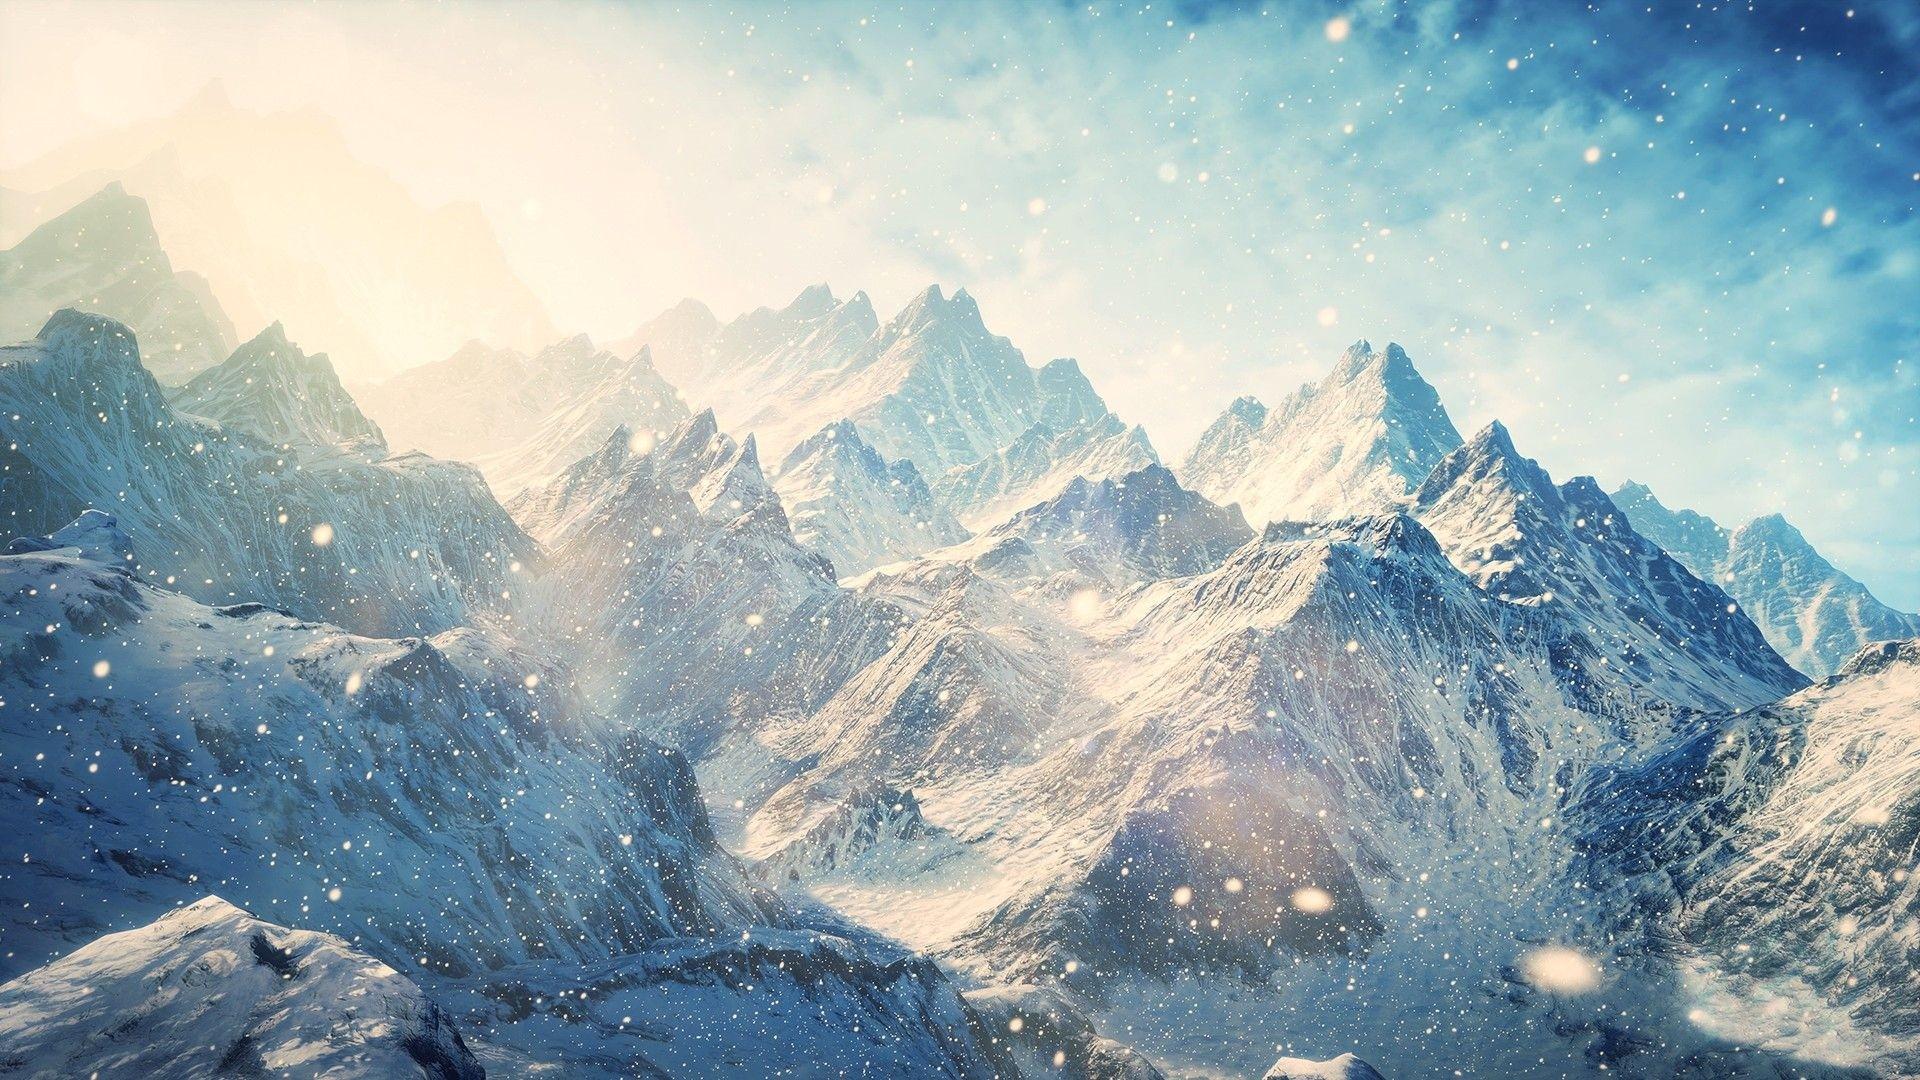 Snowy High Quality